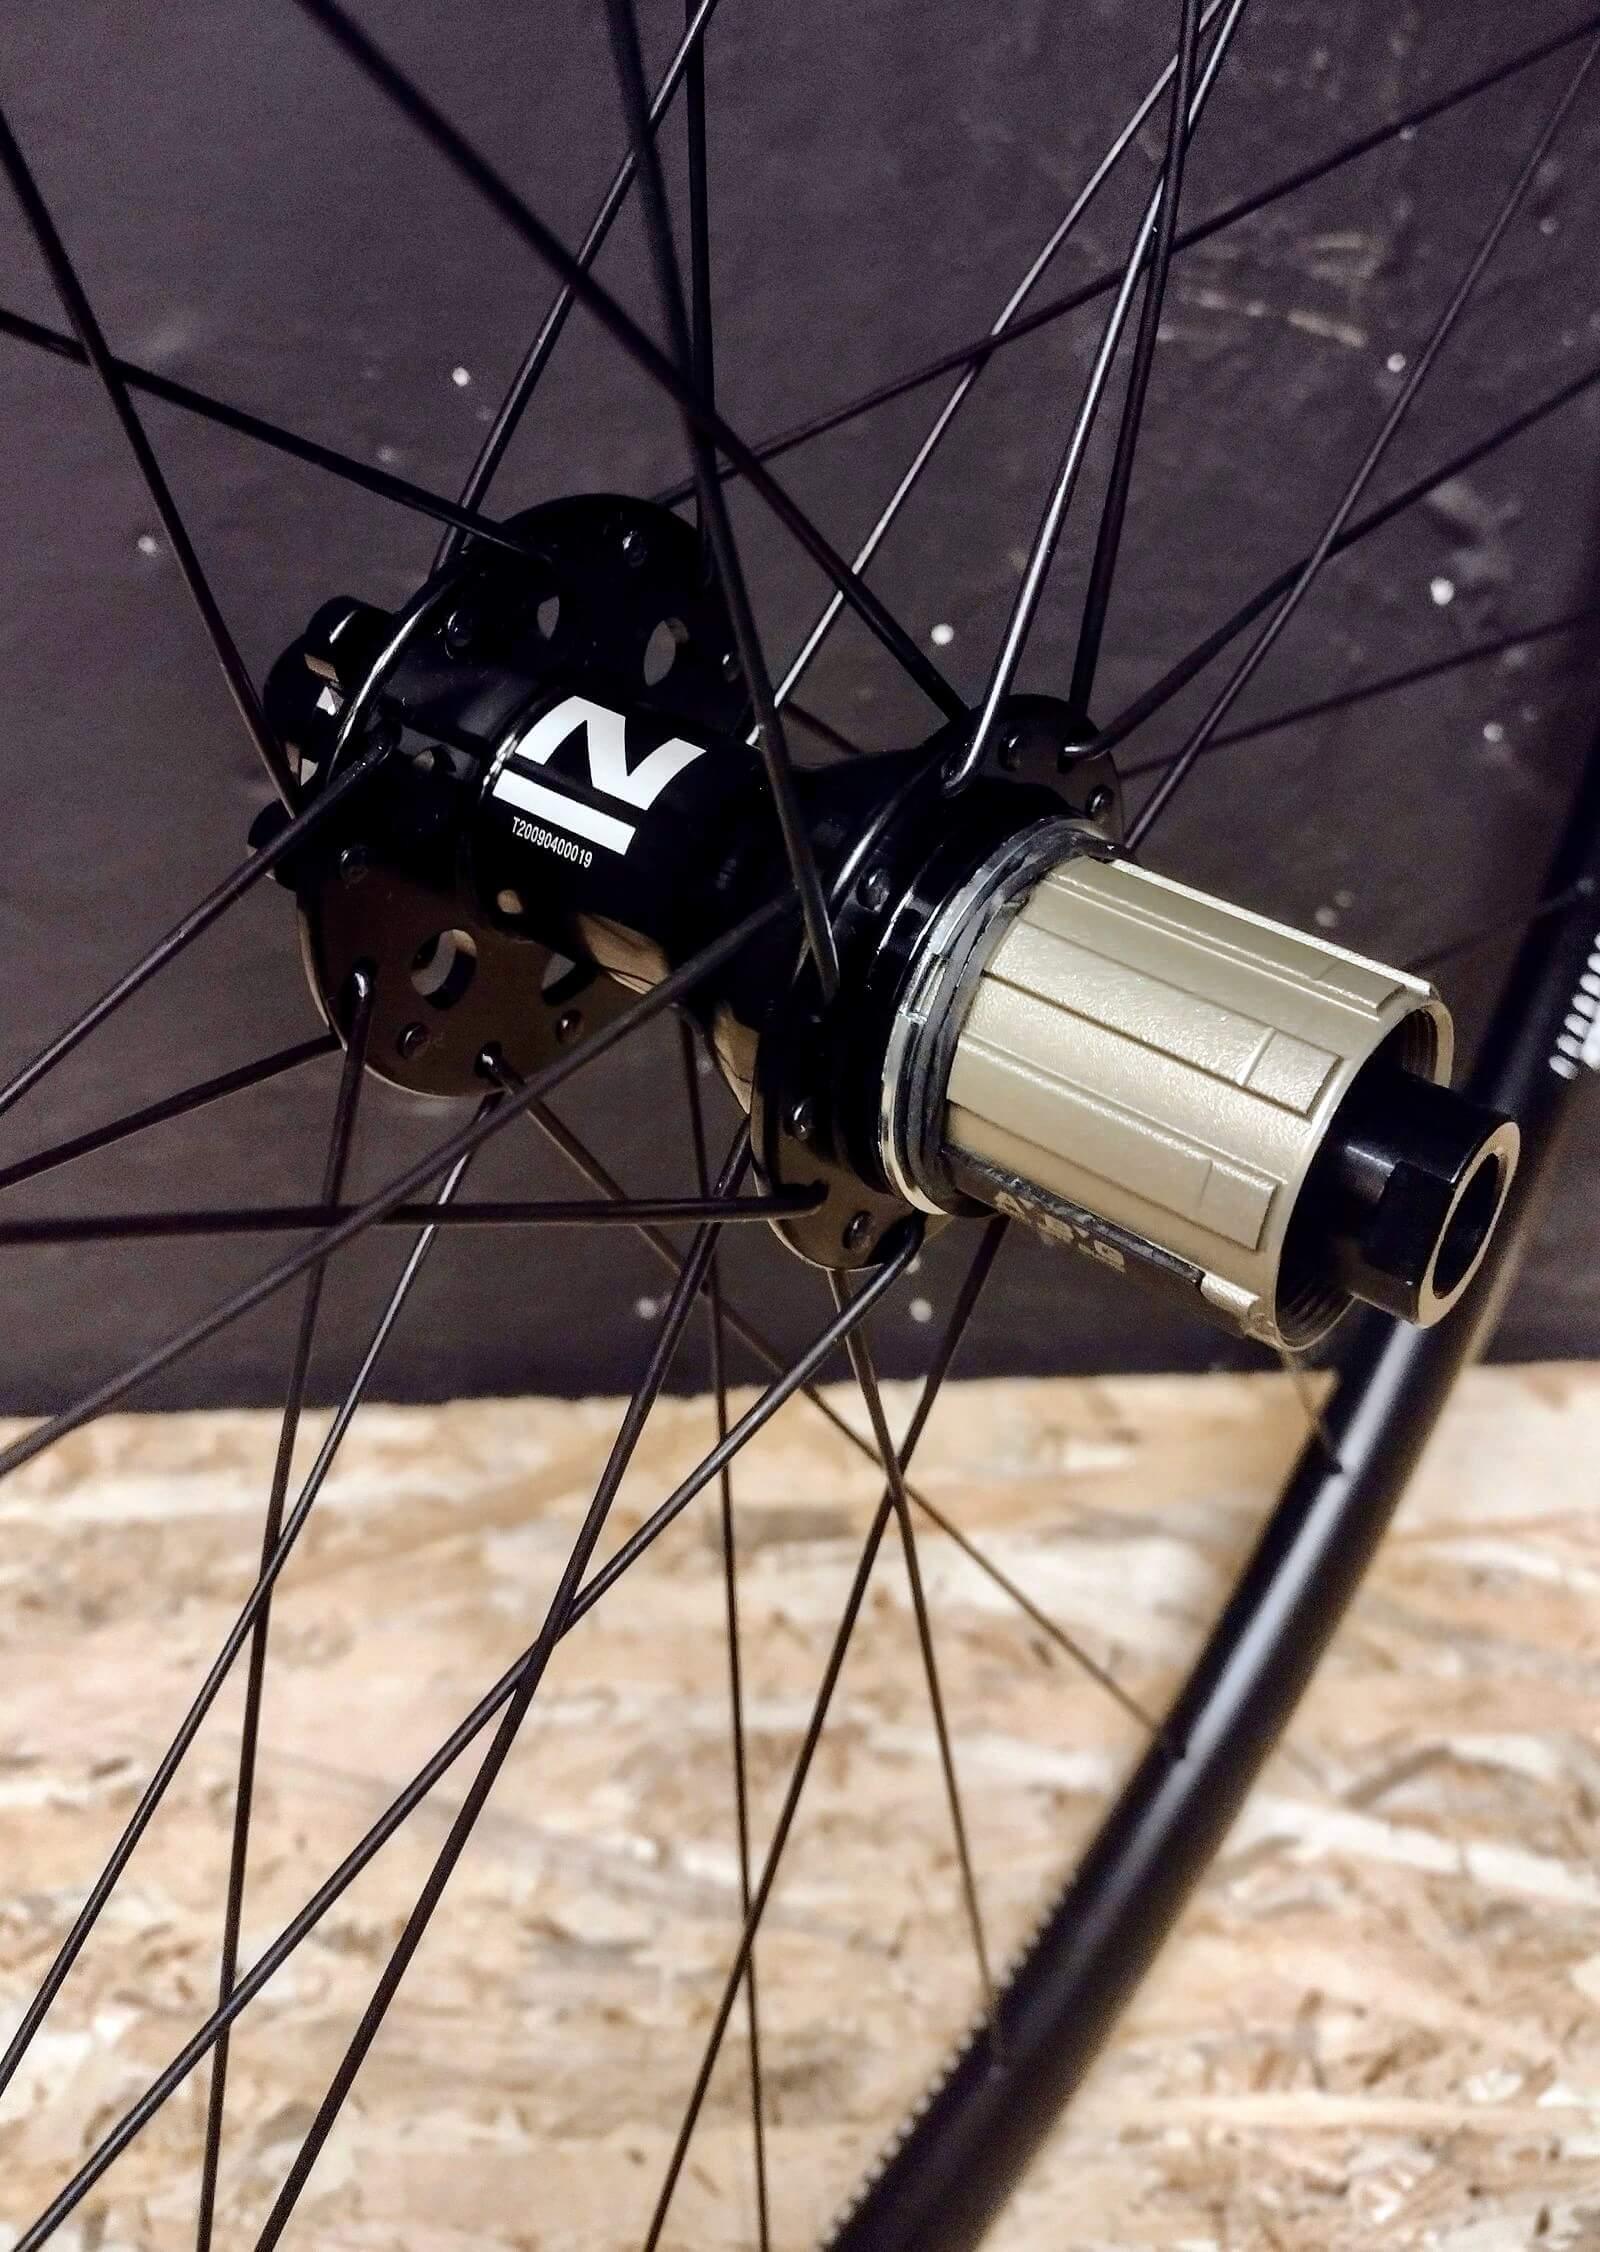 Tylna piasta Novatec 791/792 Pillar na tarczę na 6 śrub w aluminiowym kole gravel 28 na obręczy DT Swiss R470 na 28 szprych